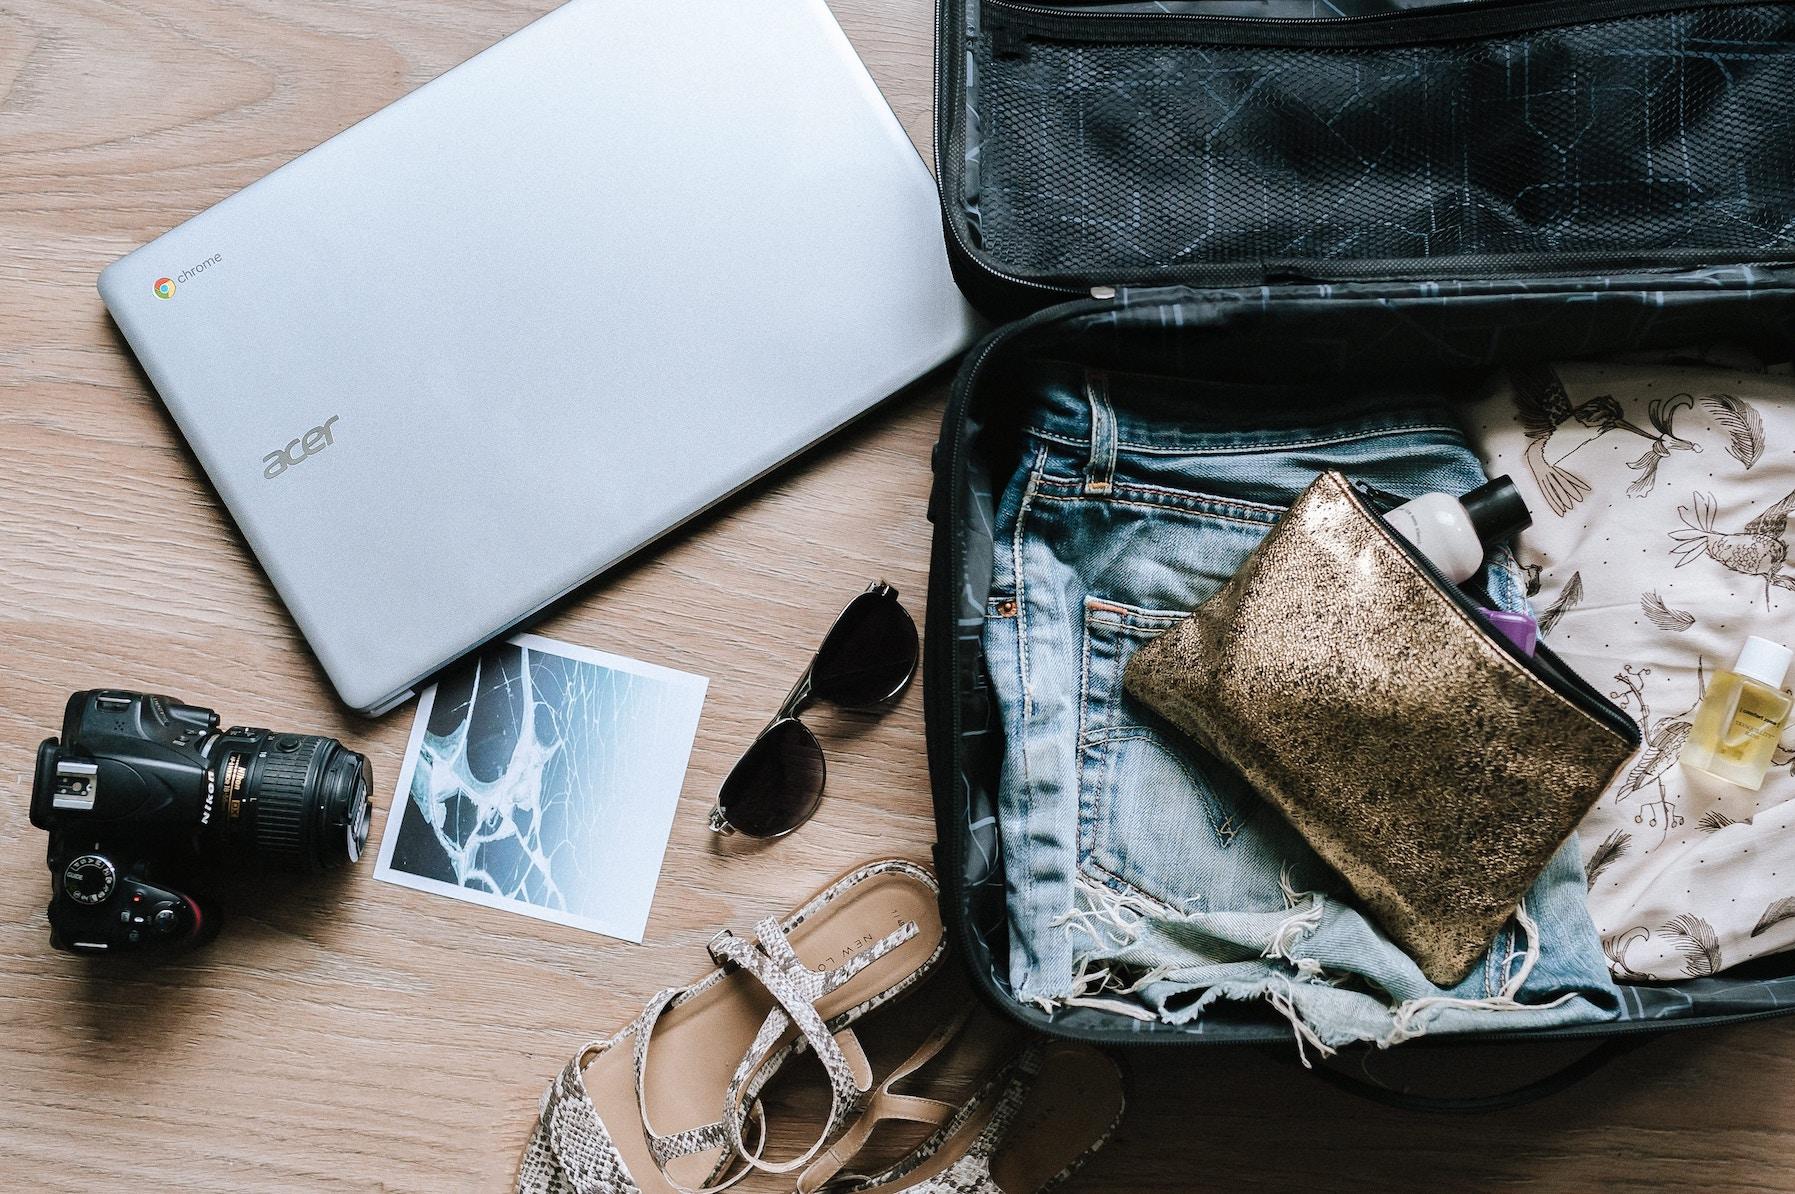 Lavorare in viaggio: quando diventa un'abitudine tossica